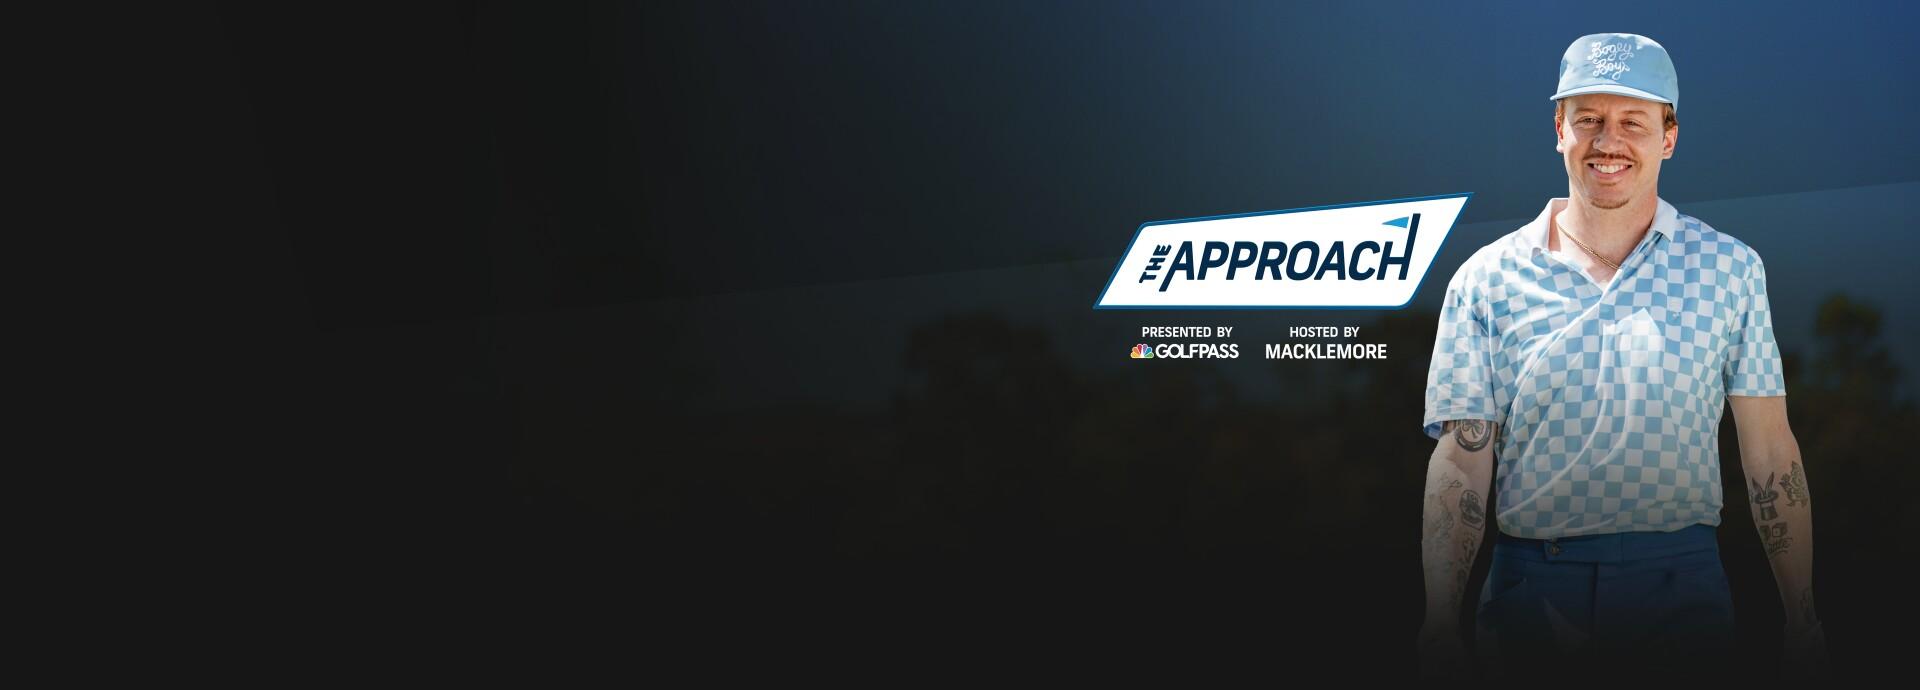 GPTheApproach_Hero_Macklemore_v2.jpg